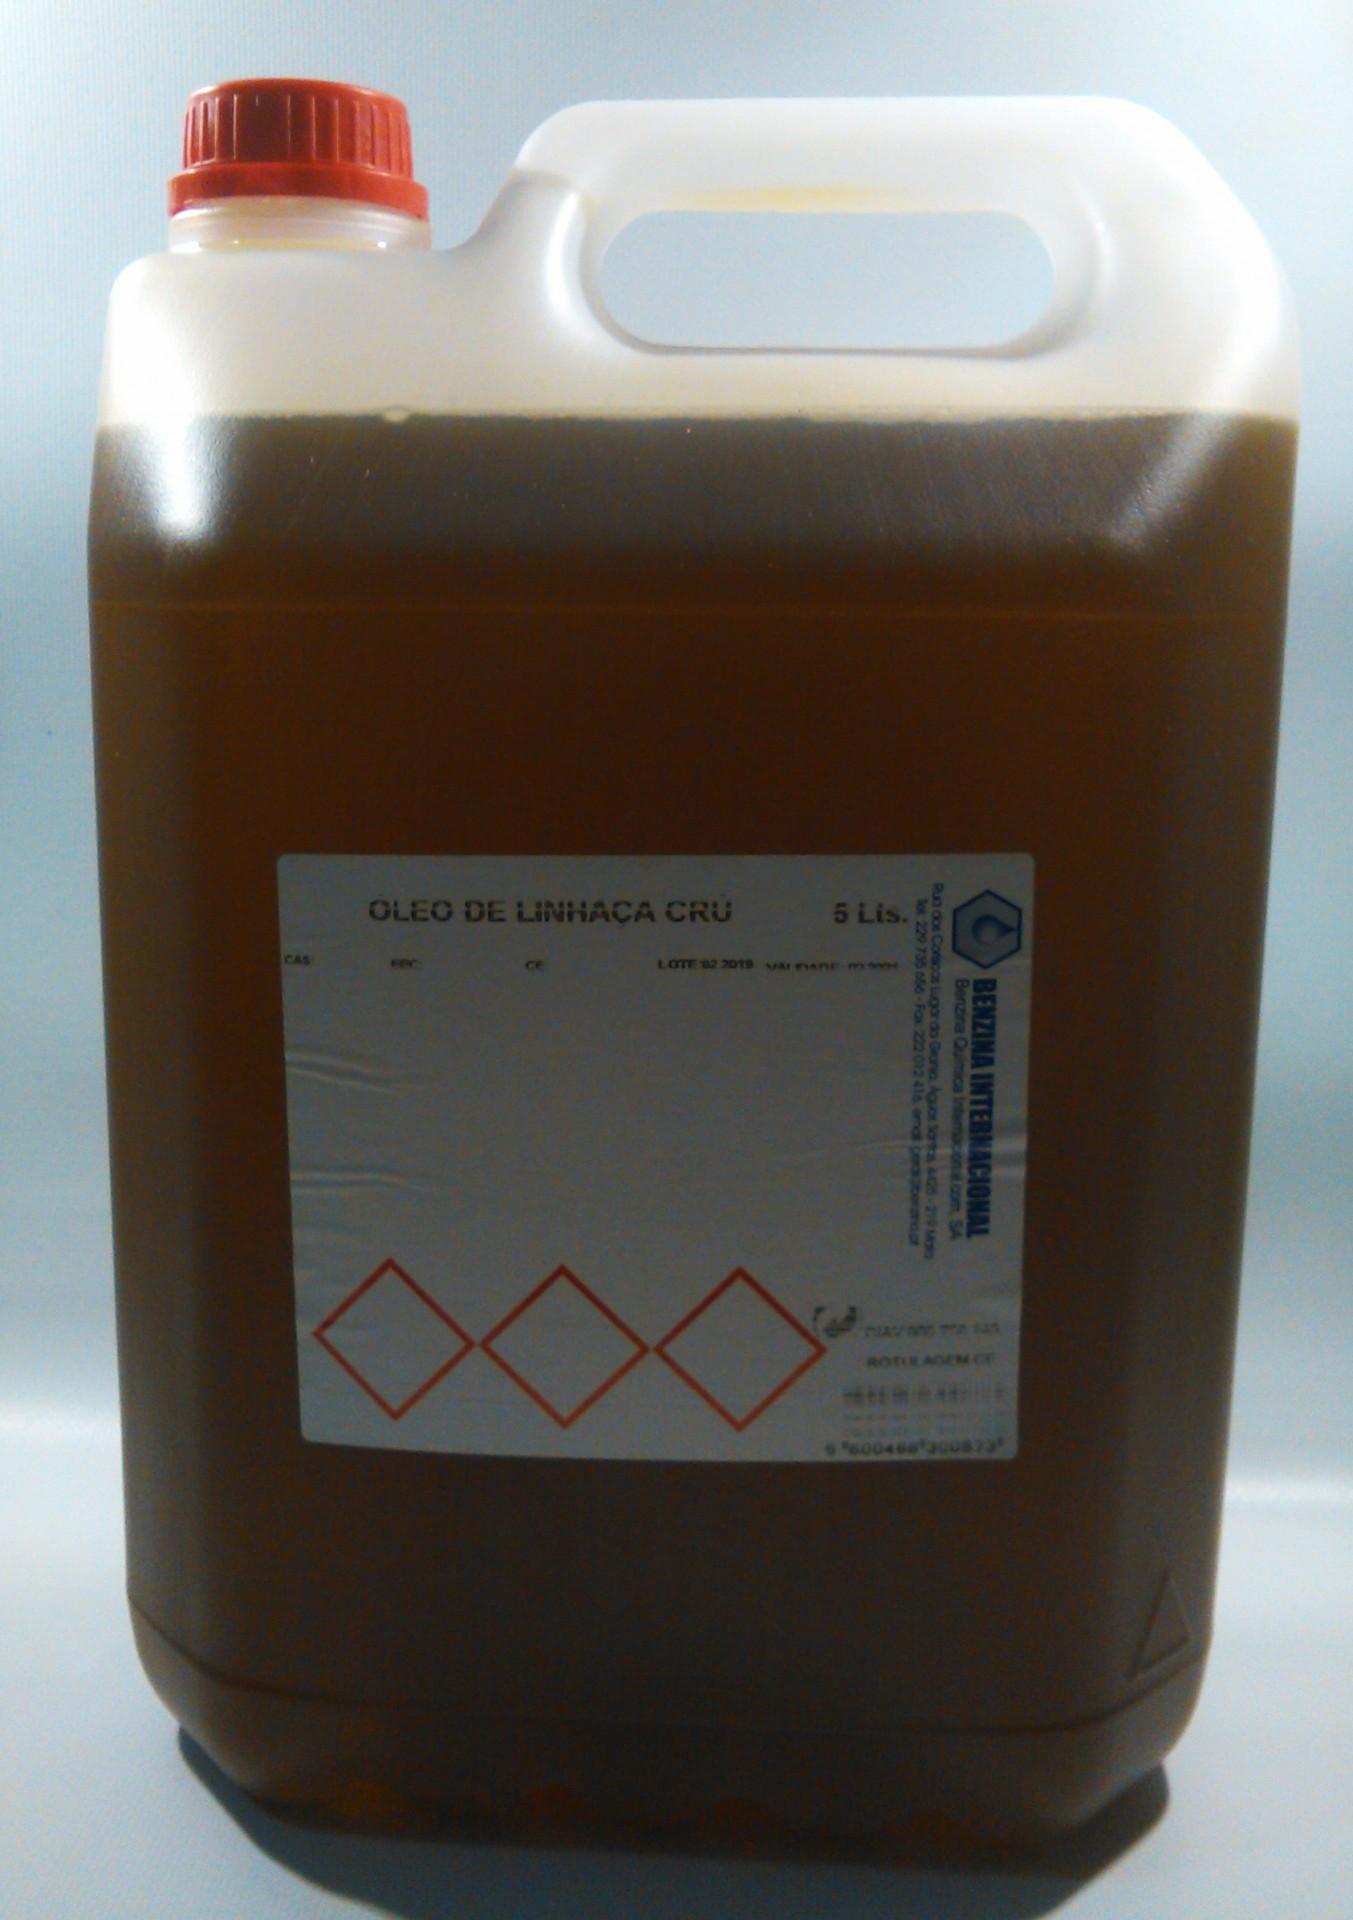 Oleo Linhaça Cru 5Lt